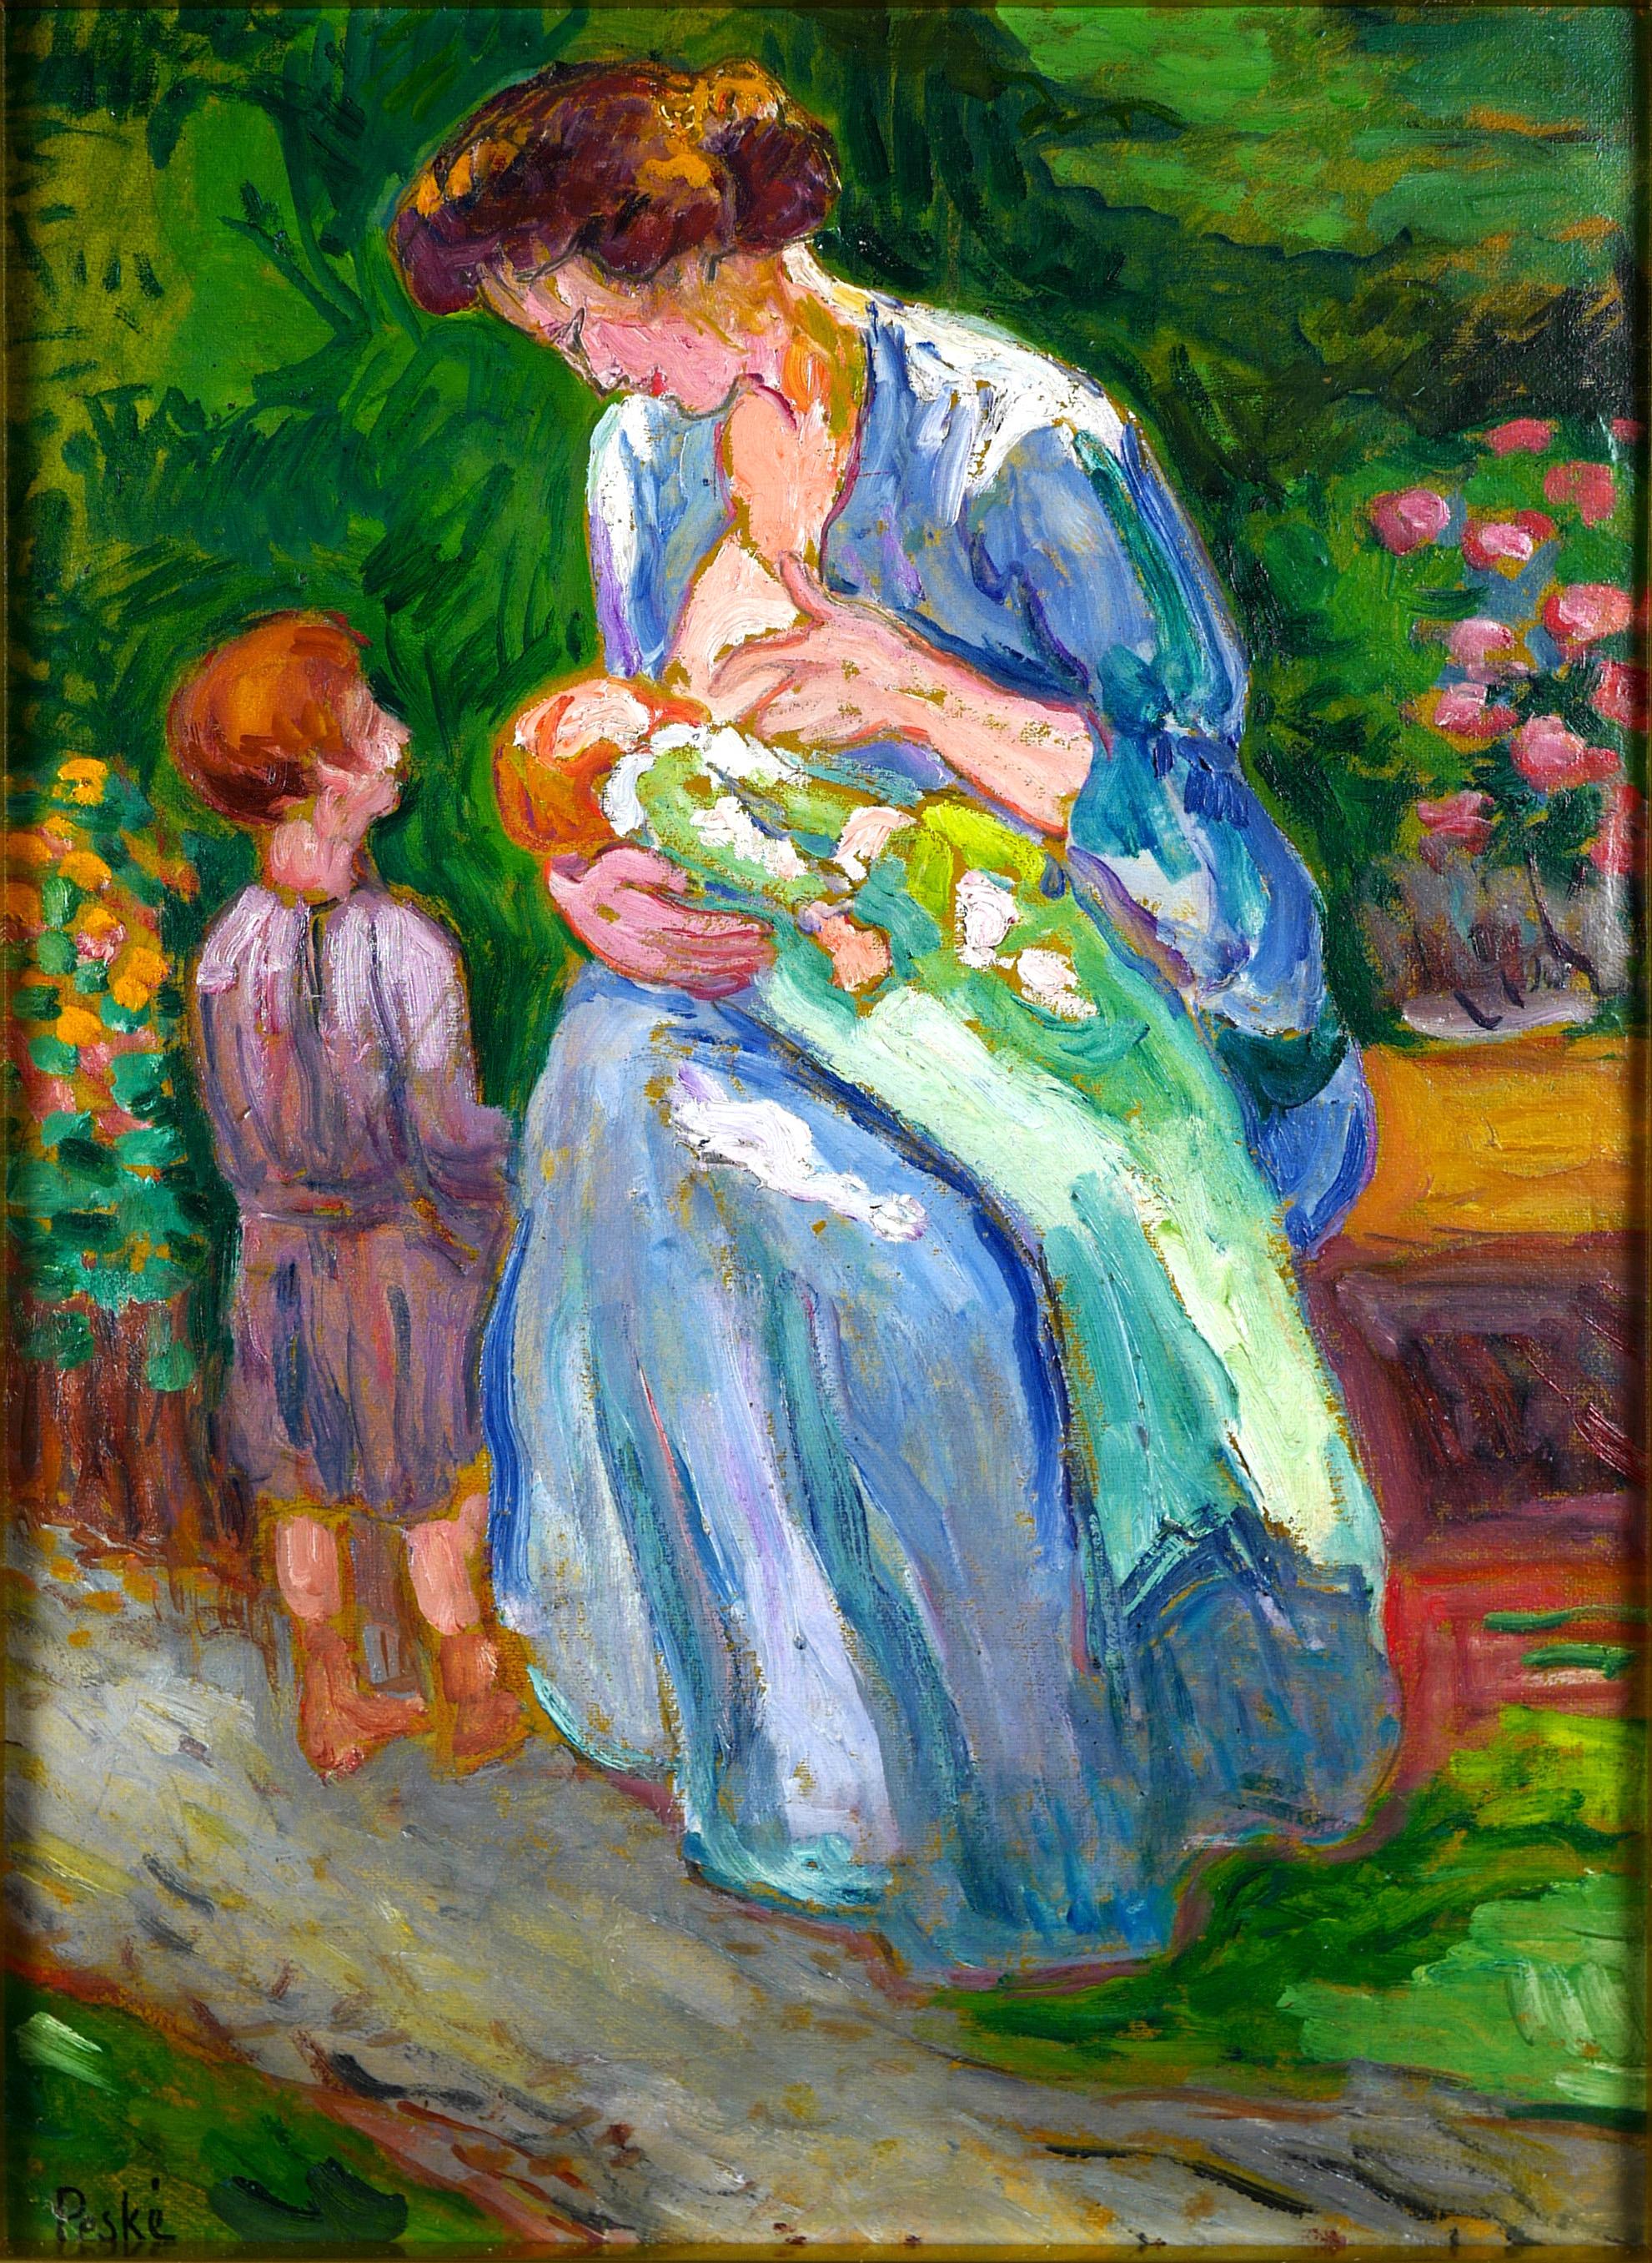 Macierzyństwo - Żona artysty z dziećmi, ok 1909 - 1910 r.